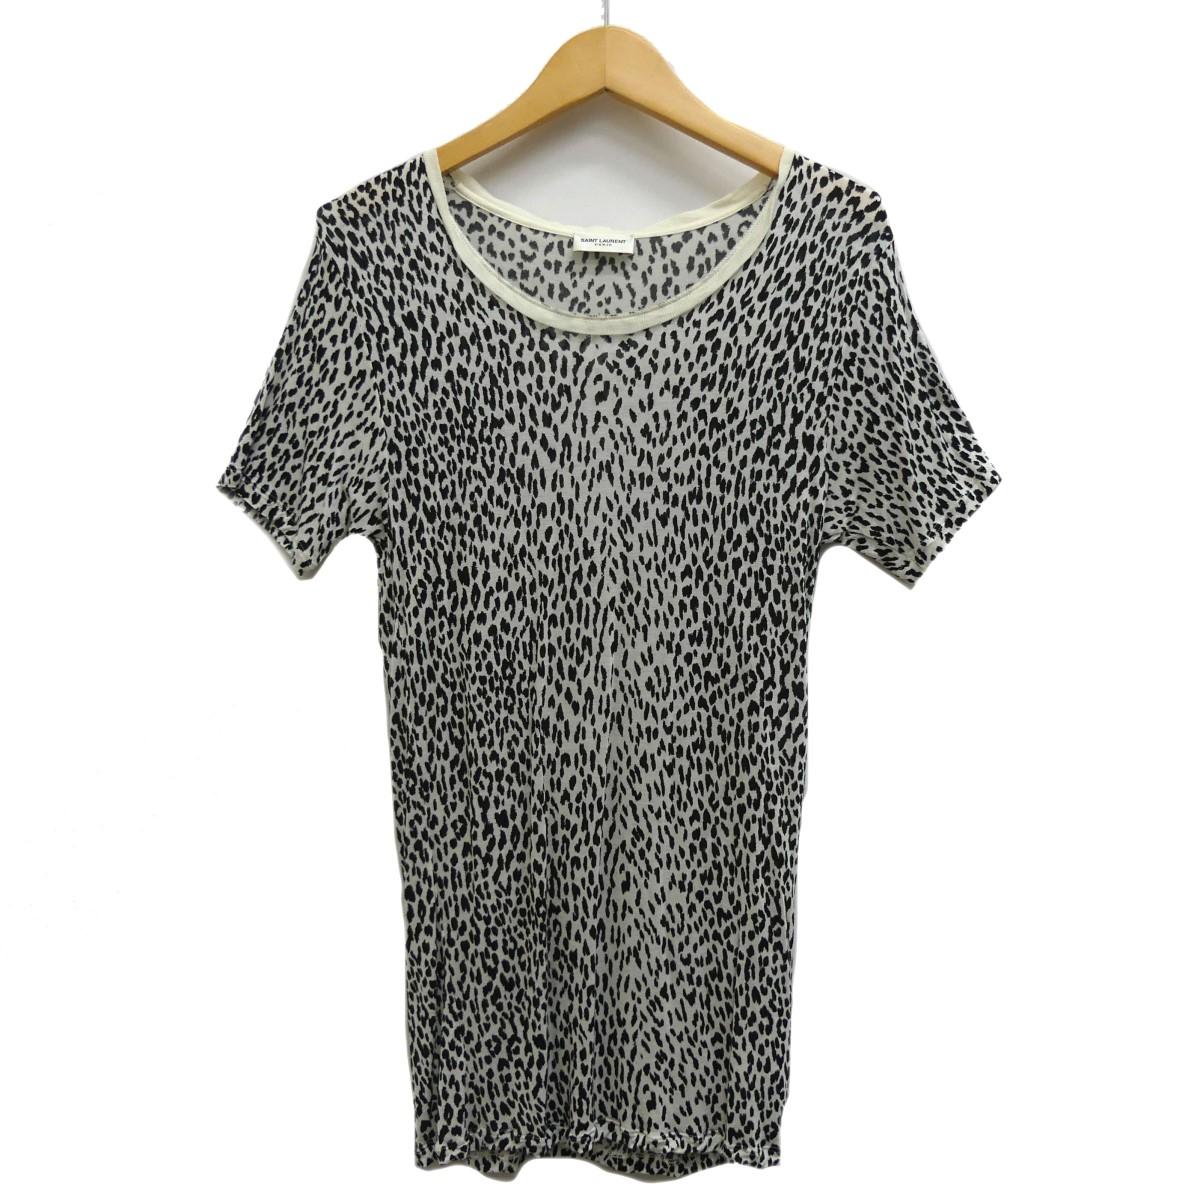 【中古】SAINT LAURENT PARIS ベイビーキャット 総柄Tシャツ ホワイト×ブラック サイズ:S 【060420】(サンローランパリ)